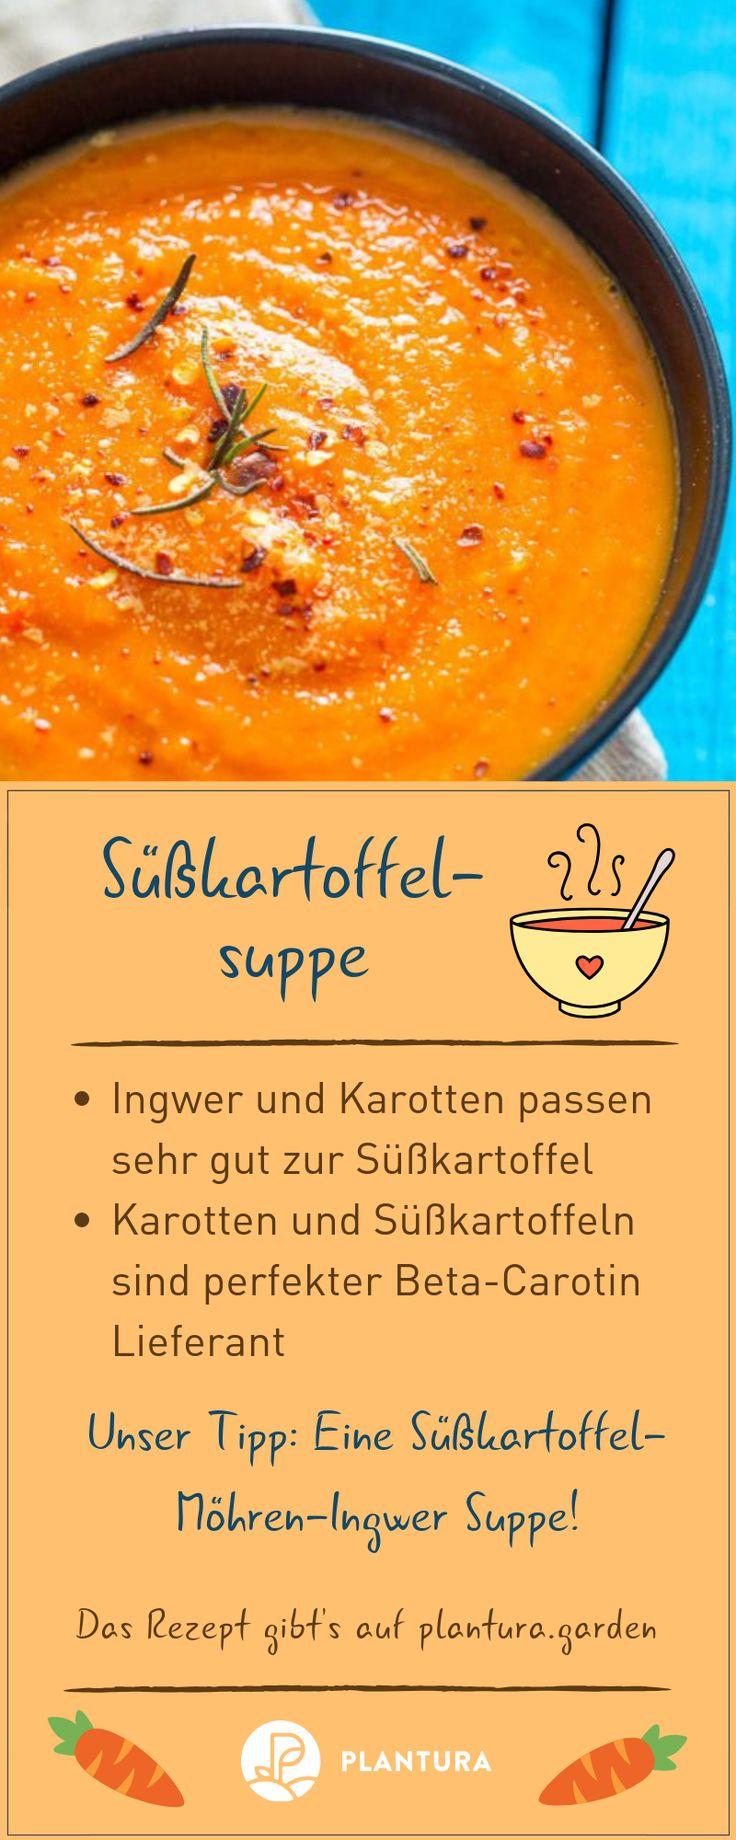 Süßkartoffel Rezepte: Pommes, Püree, Suppe & Auflauf